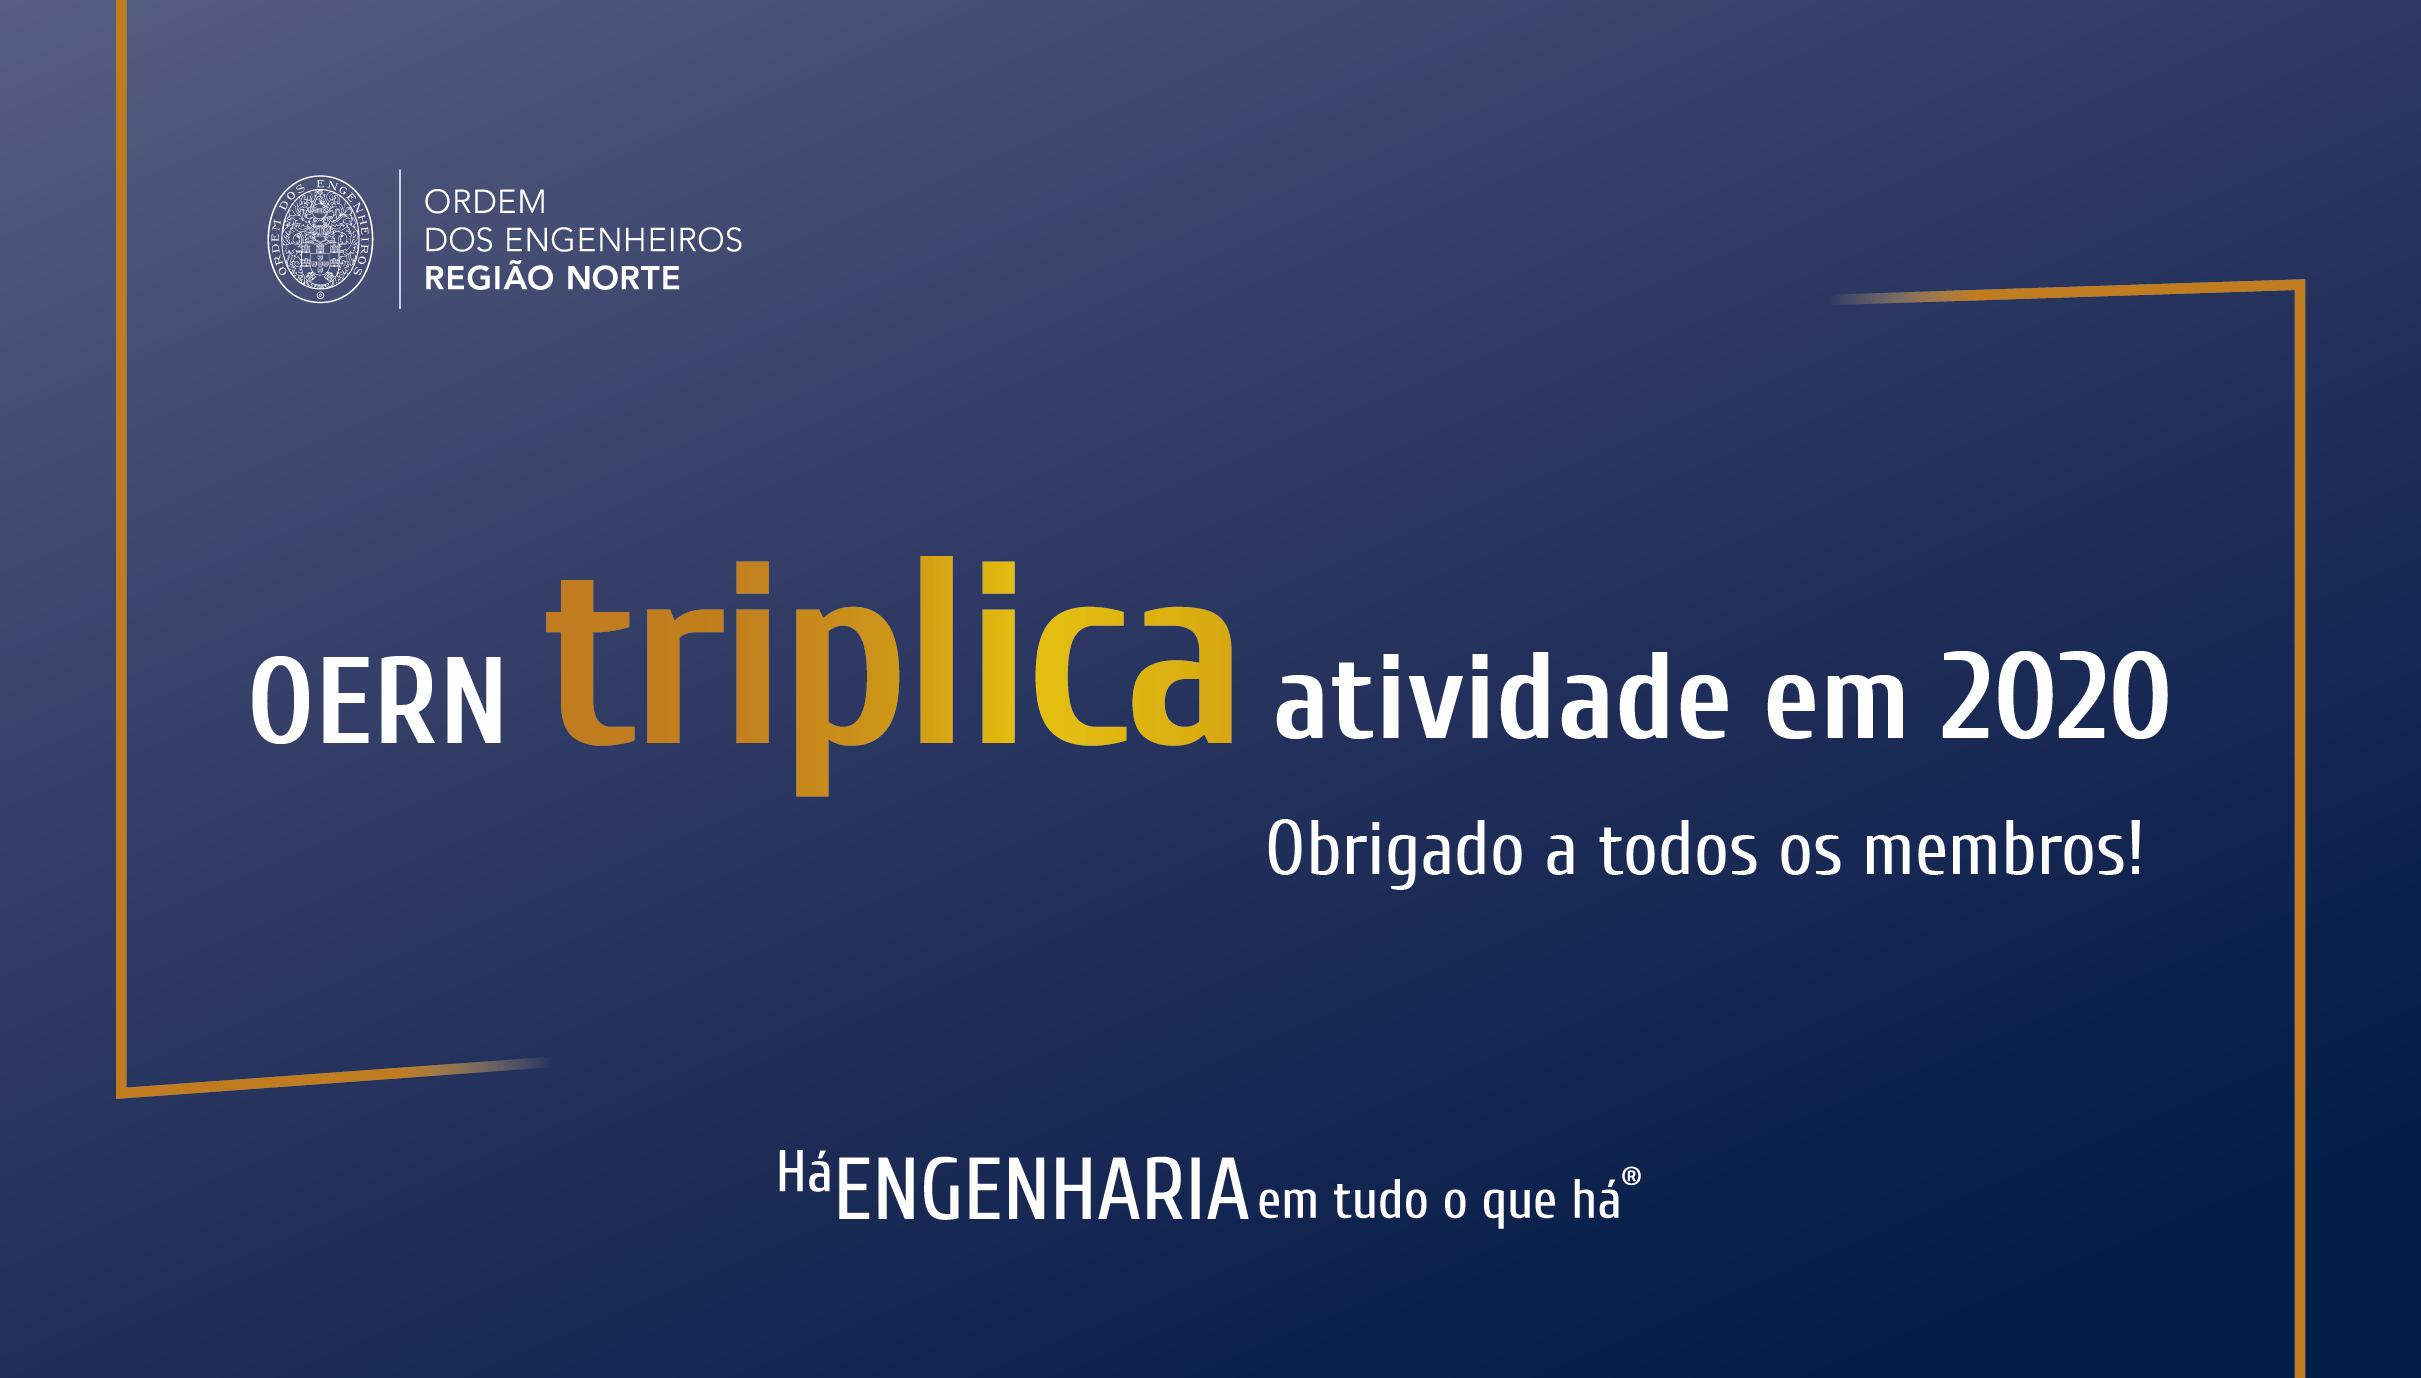 Plataforma Notícias Ordem Engenheiros Região Norte - OERN triplica atividade em 2020